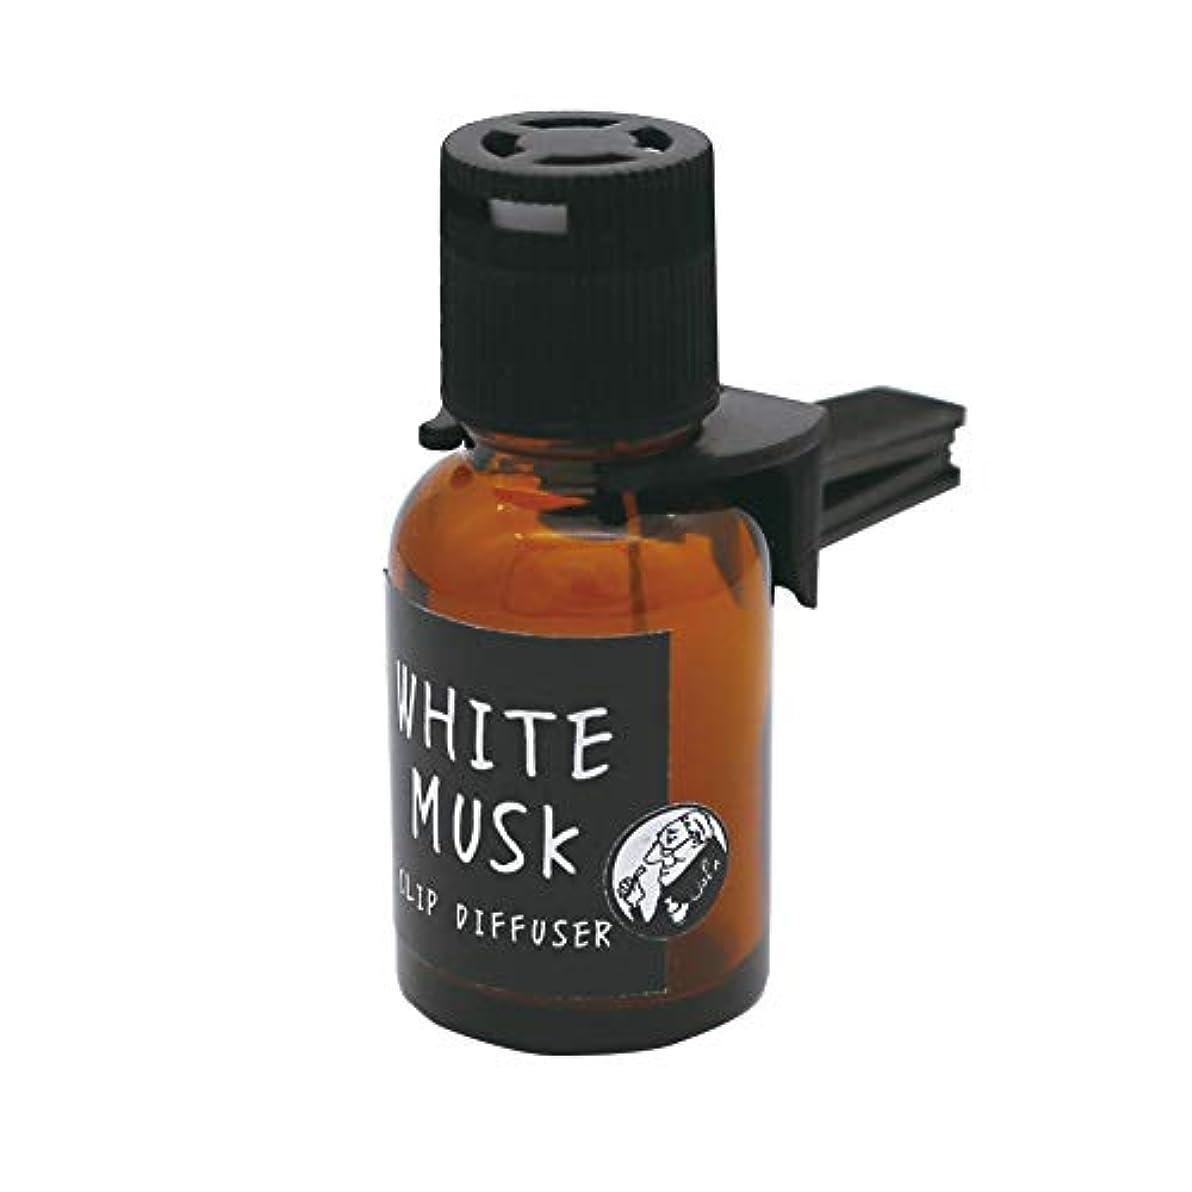 民主主義しみテニスノルコーポレーション John's Blend 車用芳香剤 クリップディフューザー OA-JON-20-1 ホワイトムスクの香り 18ml